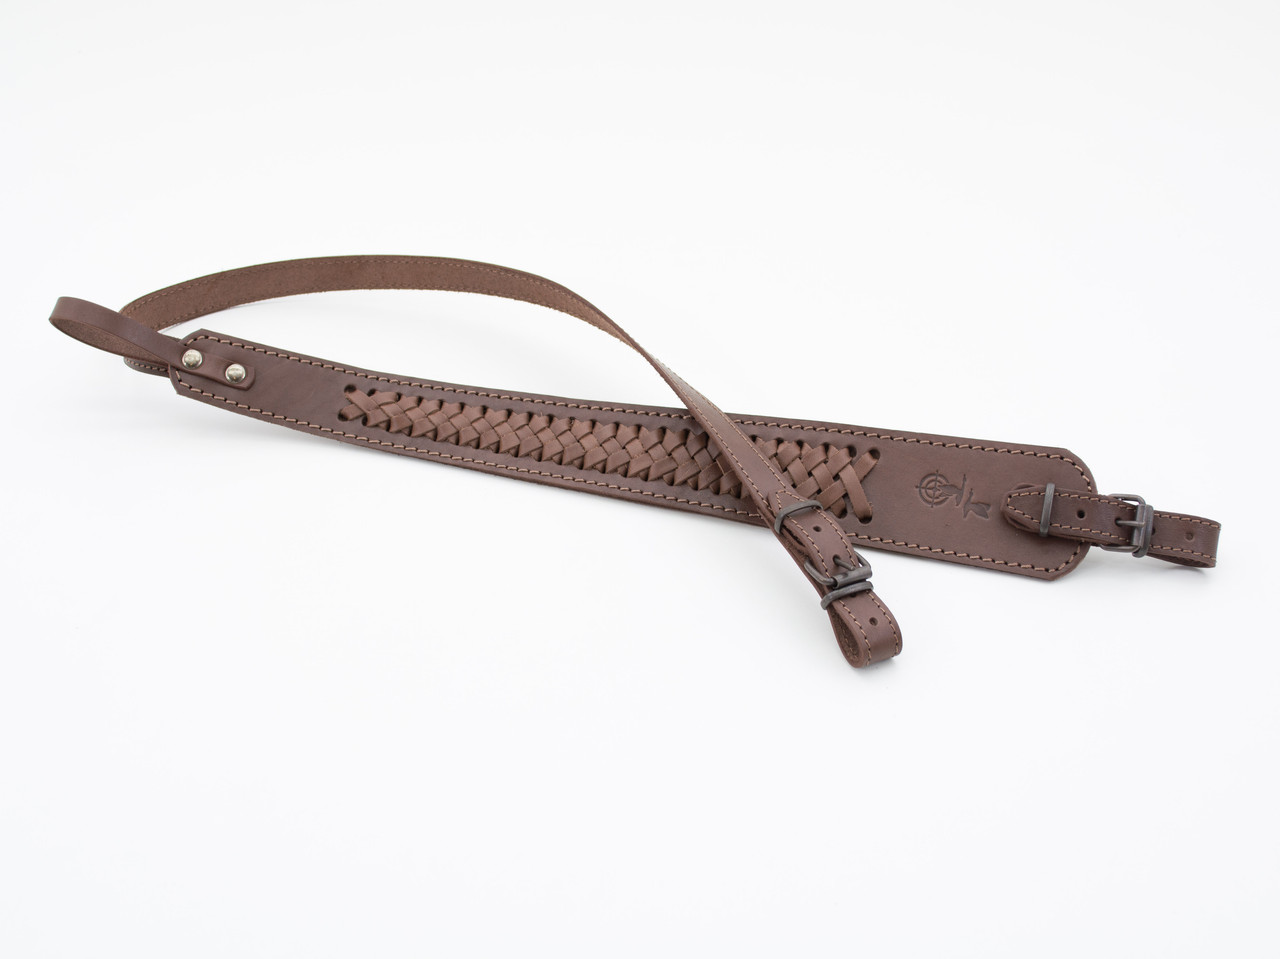 Ремень для ружья трапеция плетеный кожаный 5028